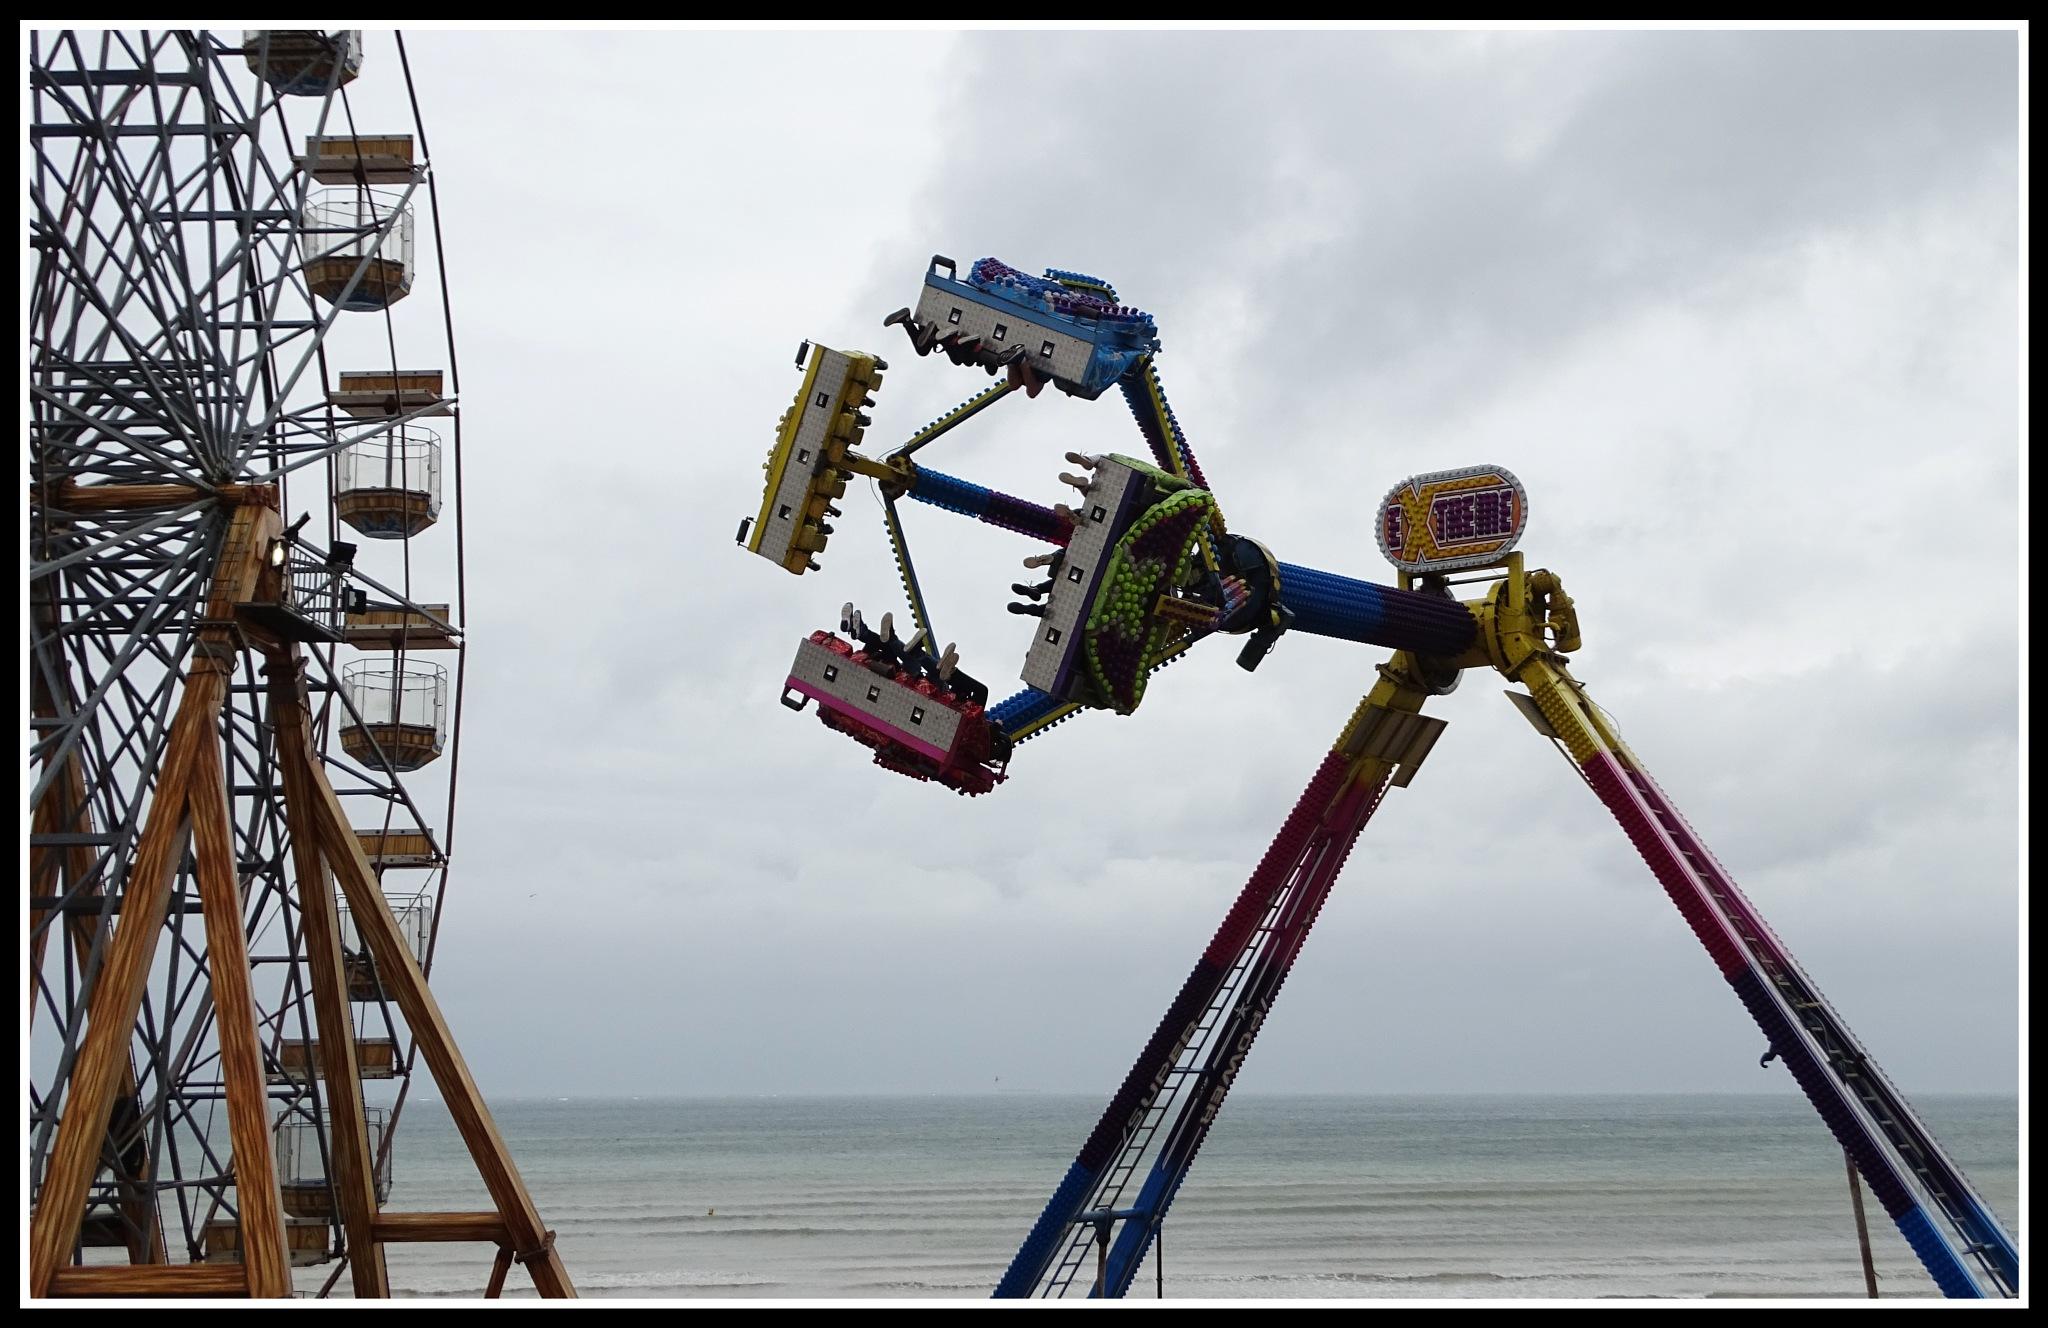 All the fun of the fair. by kayThornton